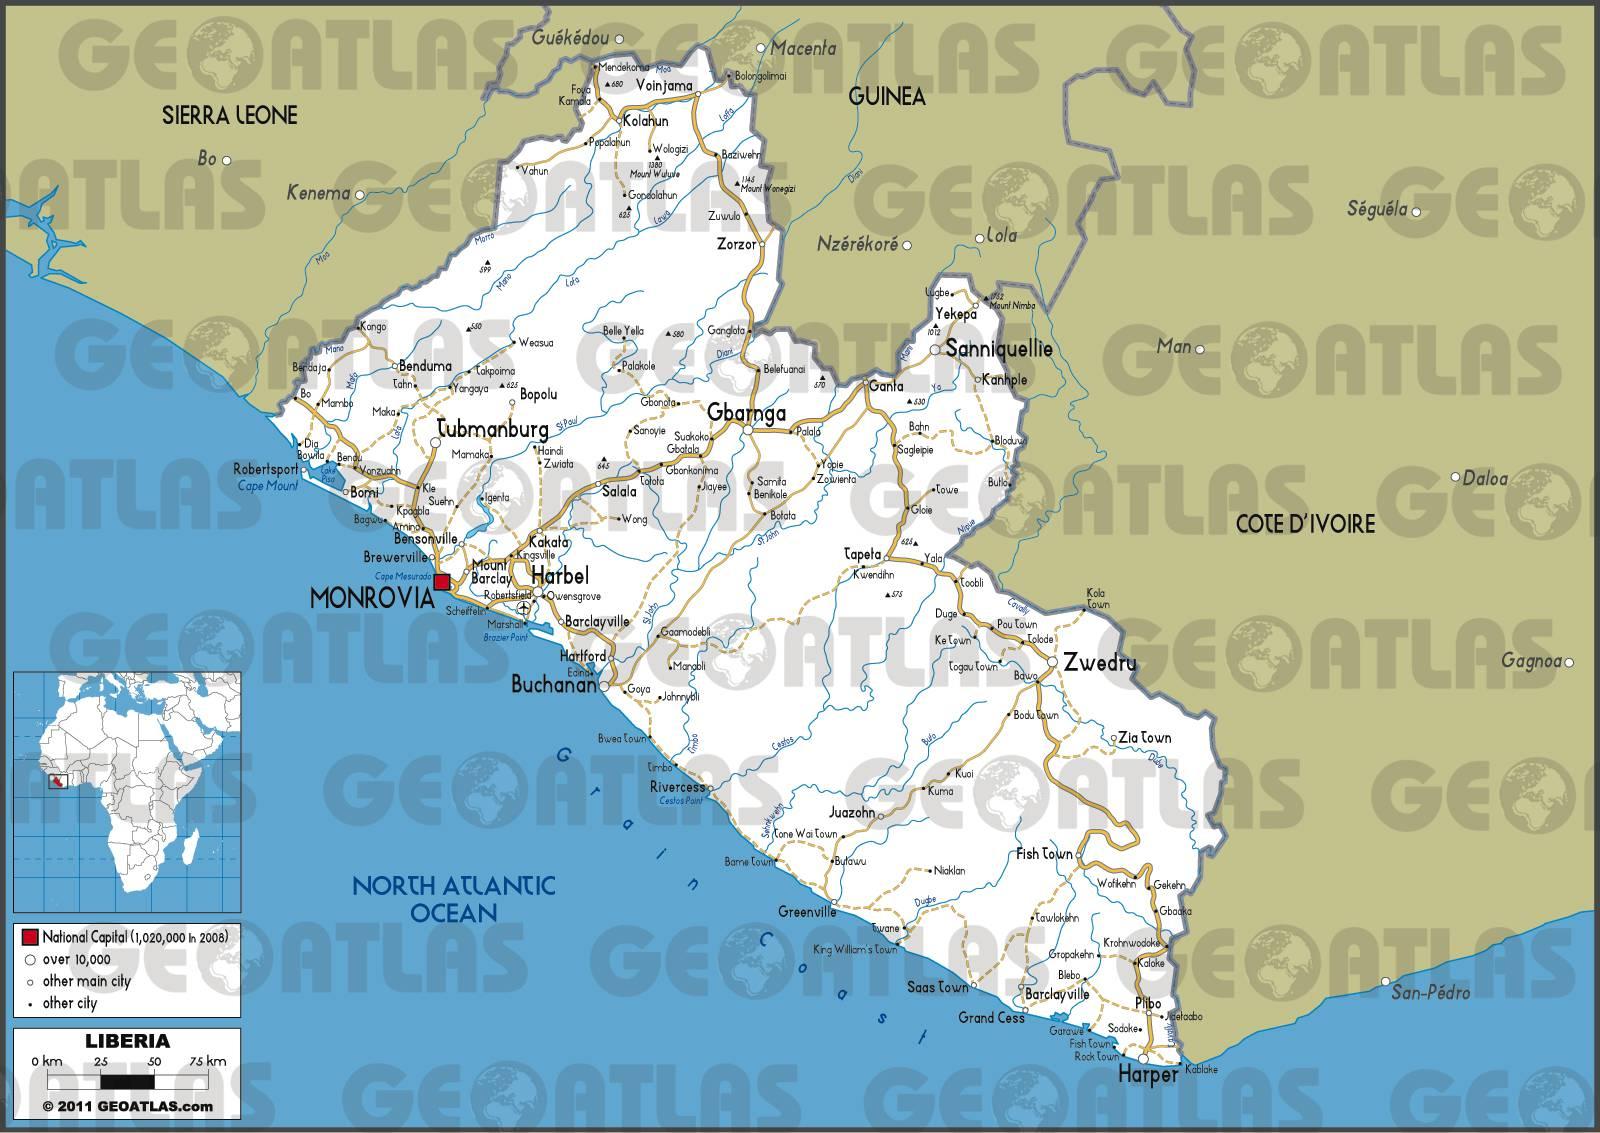 Carte routière du Liberia